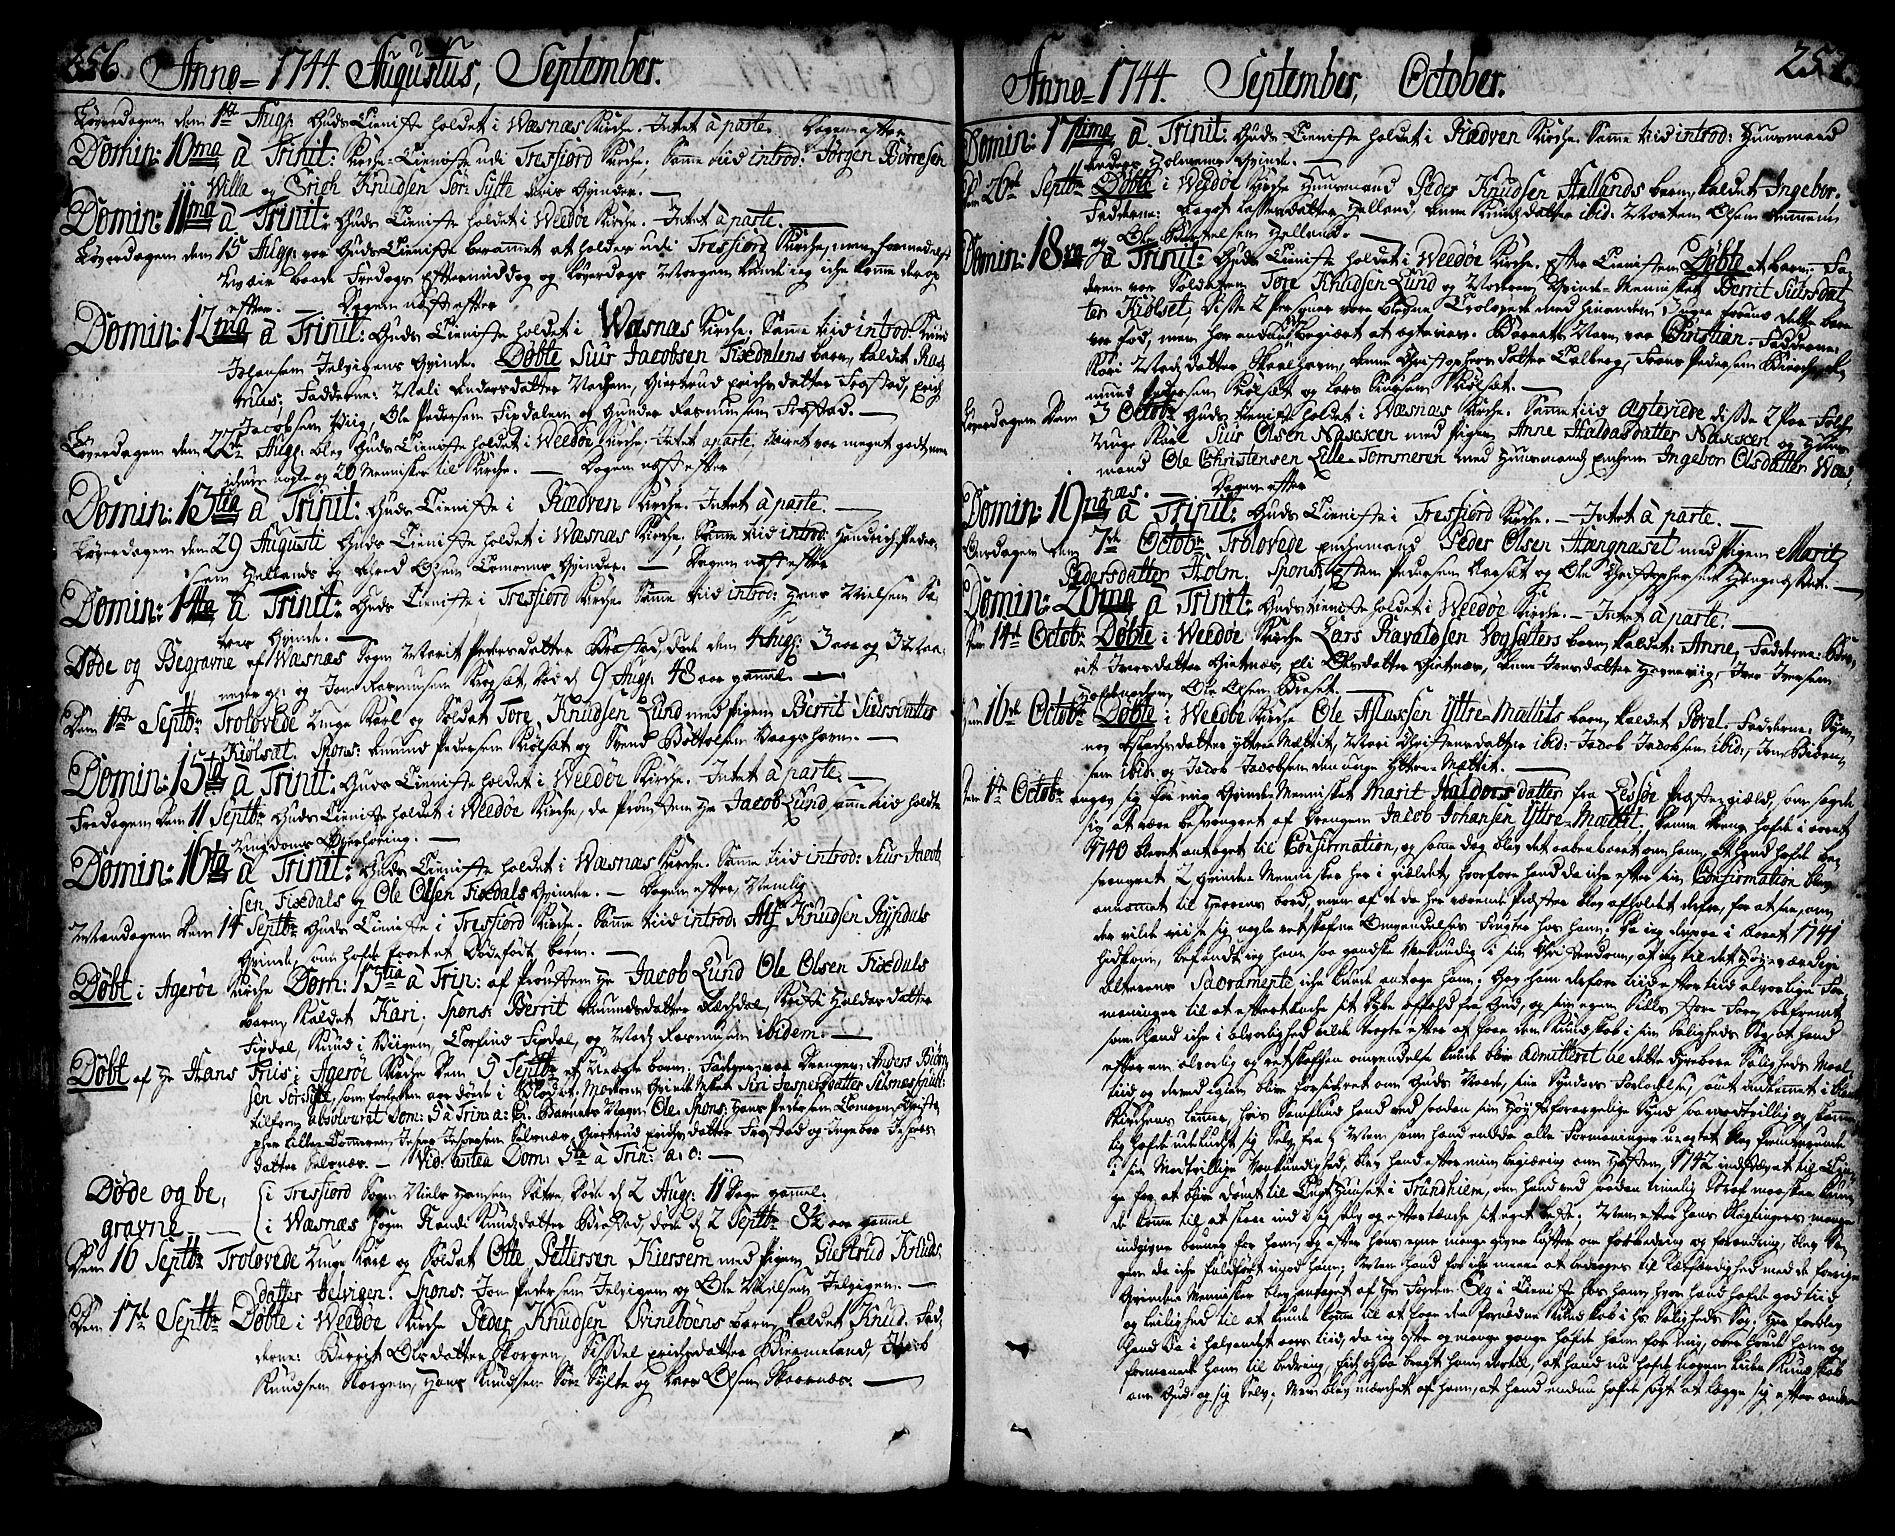 SAT, Ministerialprotokoller, klokkerbøker og fødselsregistre - Møre og Romsdal, 547/L0599: Ministerialbok nr. 547A01, 1721-1764, s. 256-257